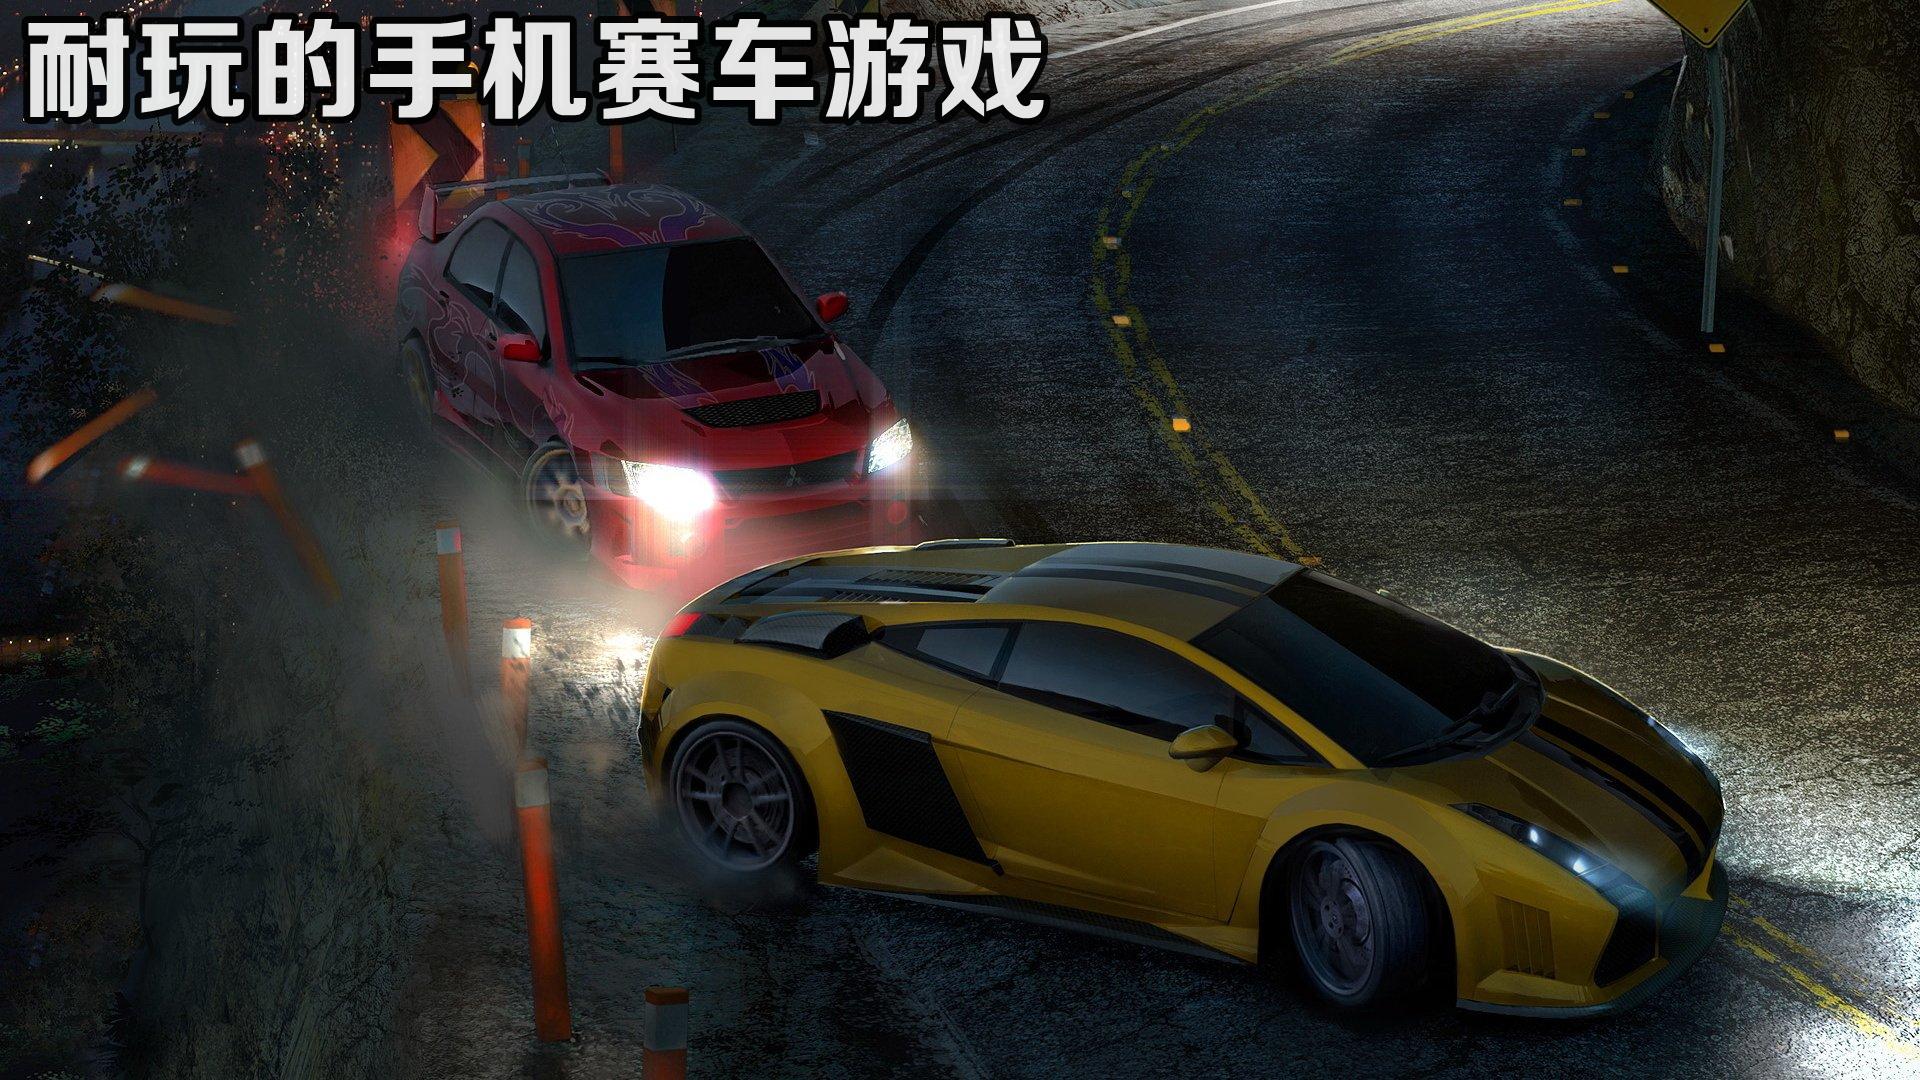 耐玩的赛车游戏合集